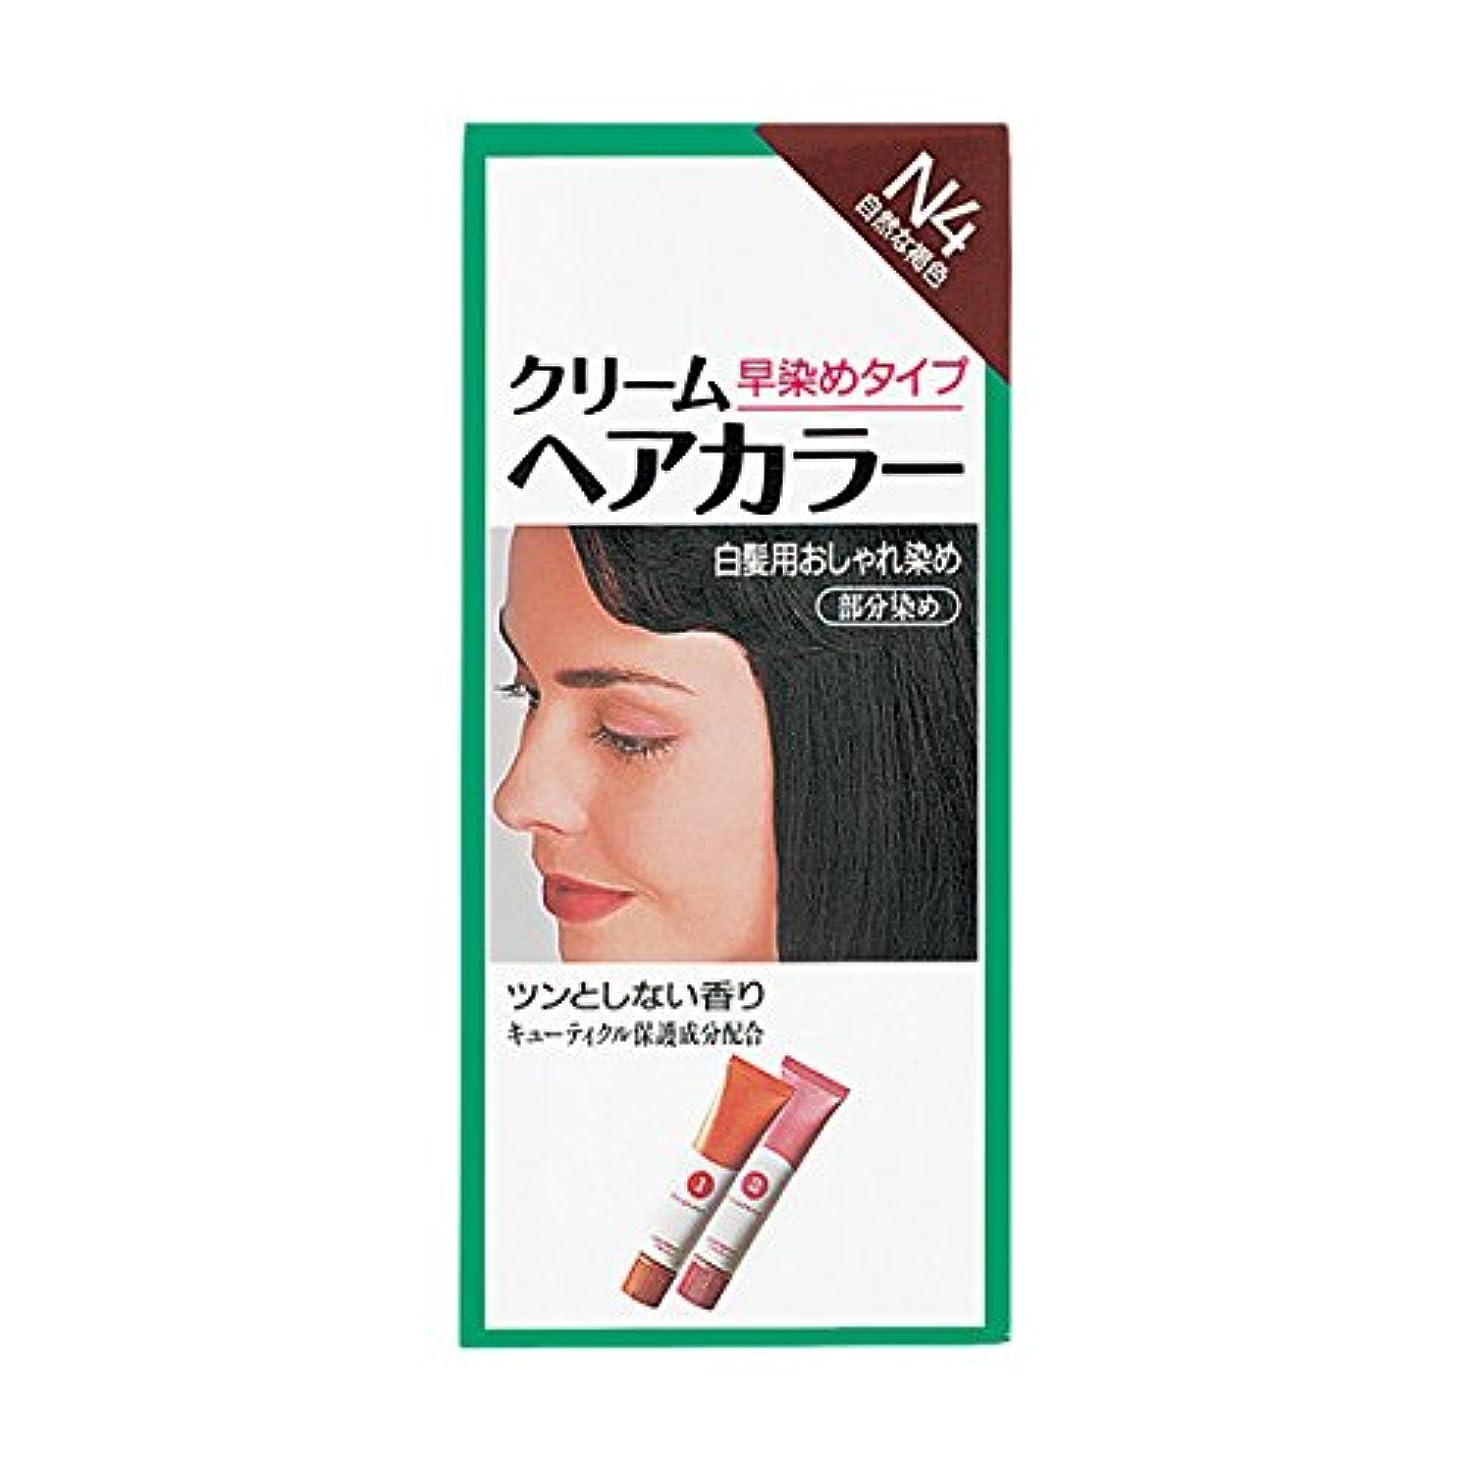 ペデスタルターゲット遺伝的ヘアカラー クリームヘアカラーN N4 【医薬部外品】